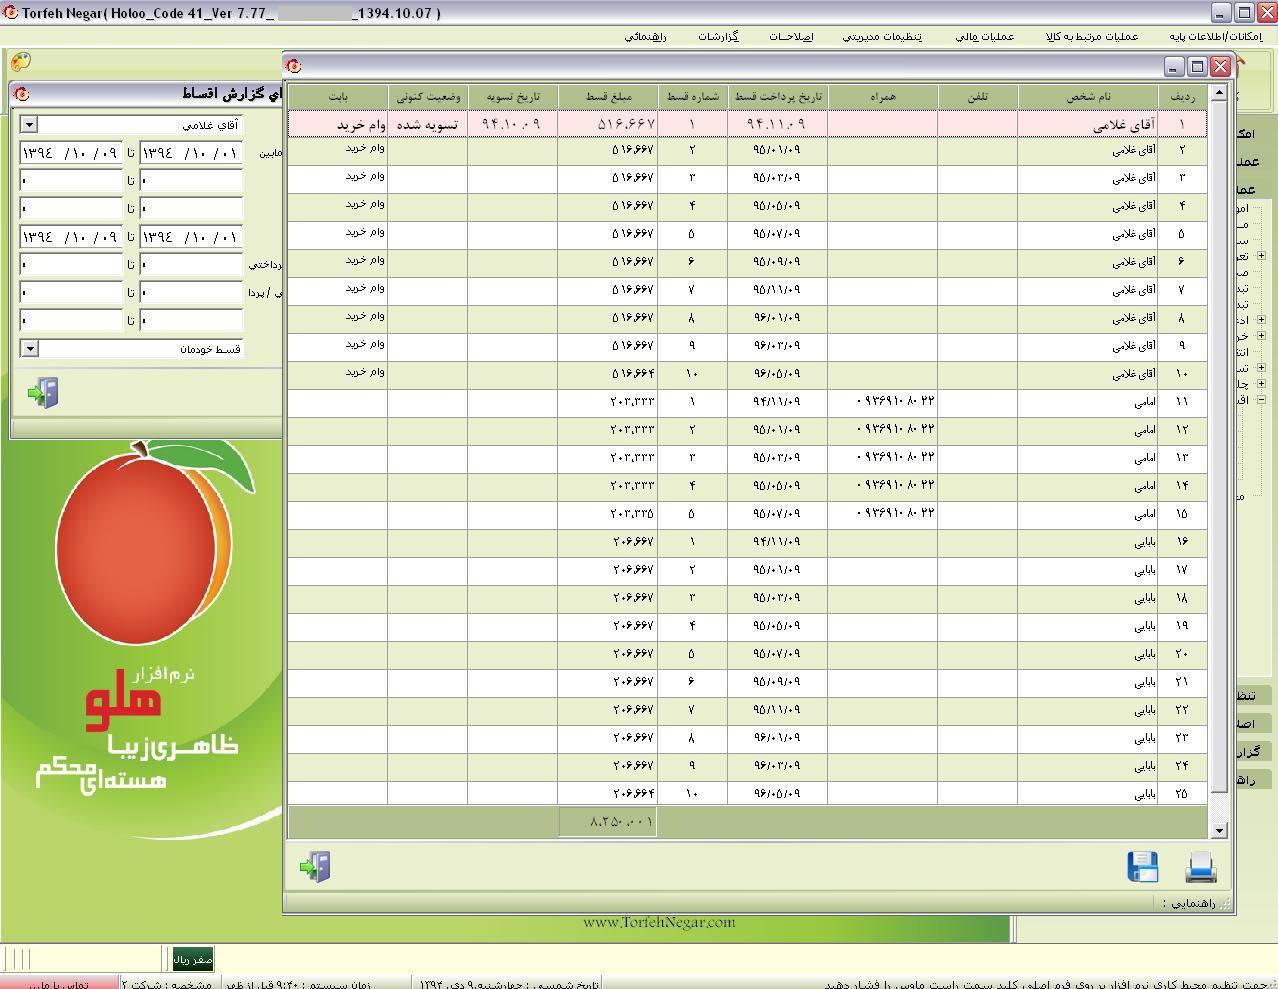 اقساط و گزارشات مربوطه در نرم افزار هلو